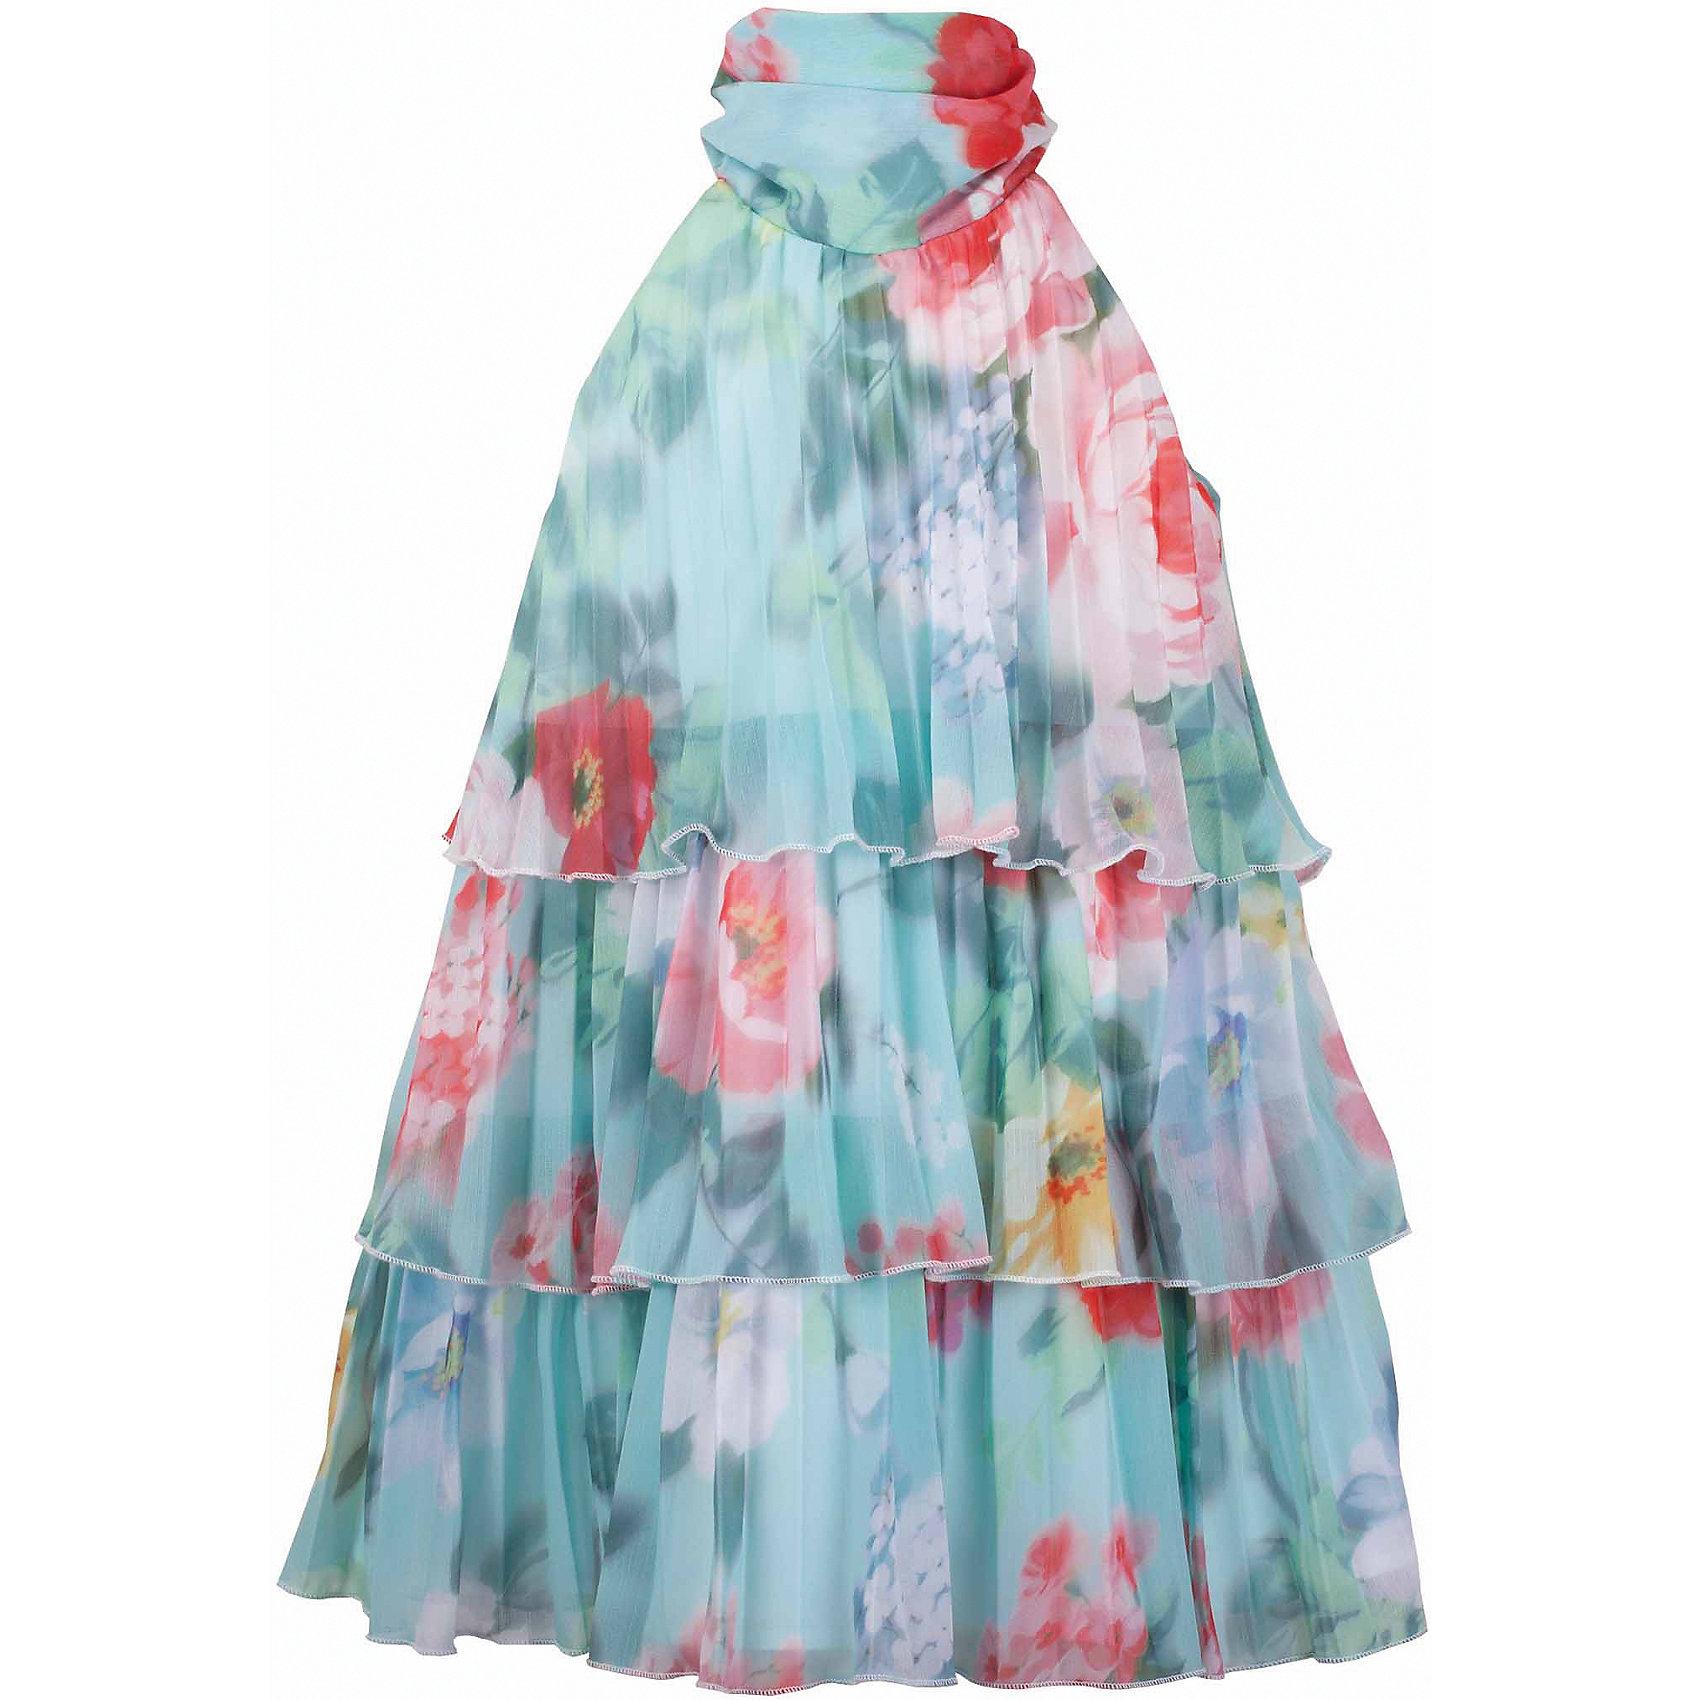 Платье для девочки GulliverОдежда<br>Воздушный орнаментальный шифон… Любое платье из него - настоящий шедевр! Потрясающий цветочный рисунок ткани в розово-ментоловой гамме, летящий трапециевидный силуэт, элегантное оформление горловины легким бантом настраивают на романтический лад, создавая нежный благородный образ, наполненной красотой и изяществом. Если вы предпочитаете иметь в гардеробе девочки хотя бы одну стильную нарядную вещь, вам стоит купить платье из коллекции Акварель и вашему ребенку гарантирован образ современной принцессы с хорошим вкусом и благородными манерами.<br>Состав:<br>верх:               100% полиэстер; подкладка:           100% хлопок<br><br>Ширина мм: 236<br>Глубина мм: 16<br>Высота мм: 184<br>Вес г: 177<br>Цвет: голубой<br>Возраст от месяцев: 108<br>Возраст до месяцев: 120<br>Пол: Женский<br>Возраст: Детский<br>Размер: 140,122,128,134<br>SKU: 5483369